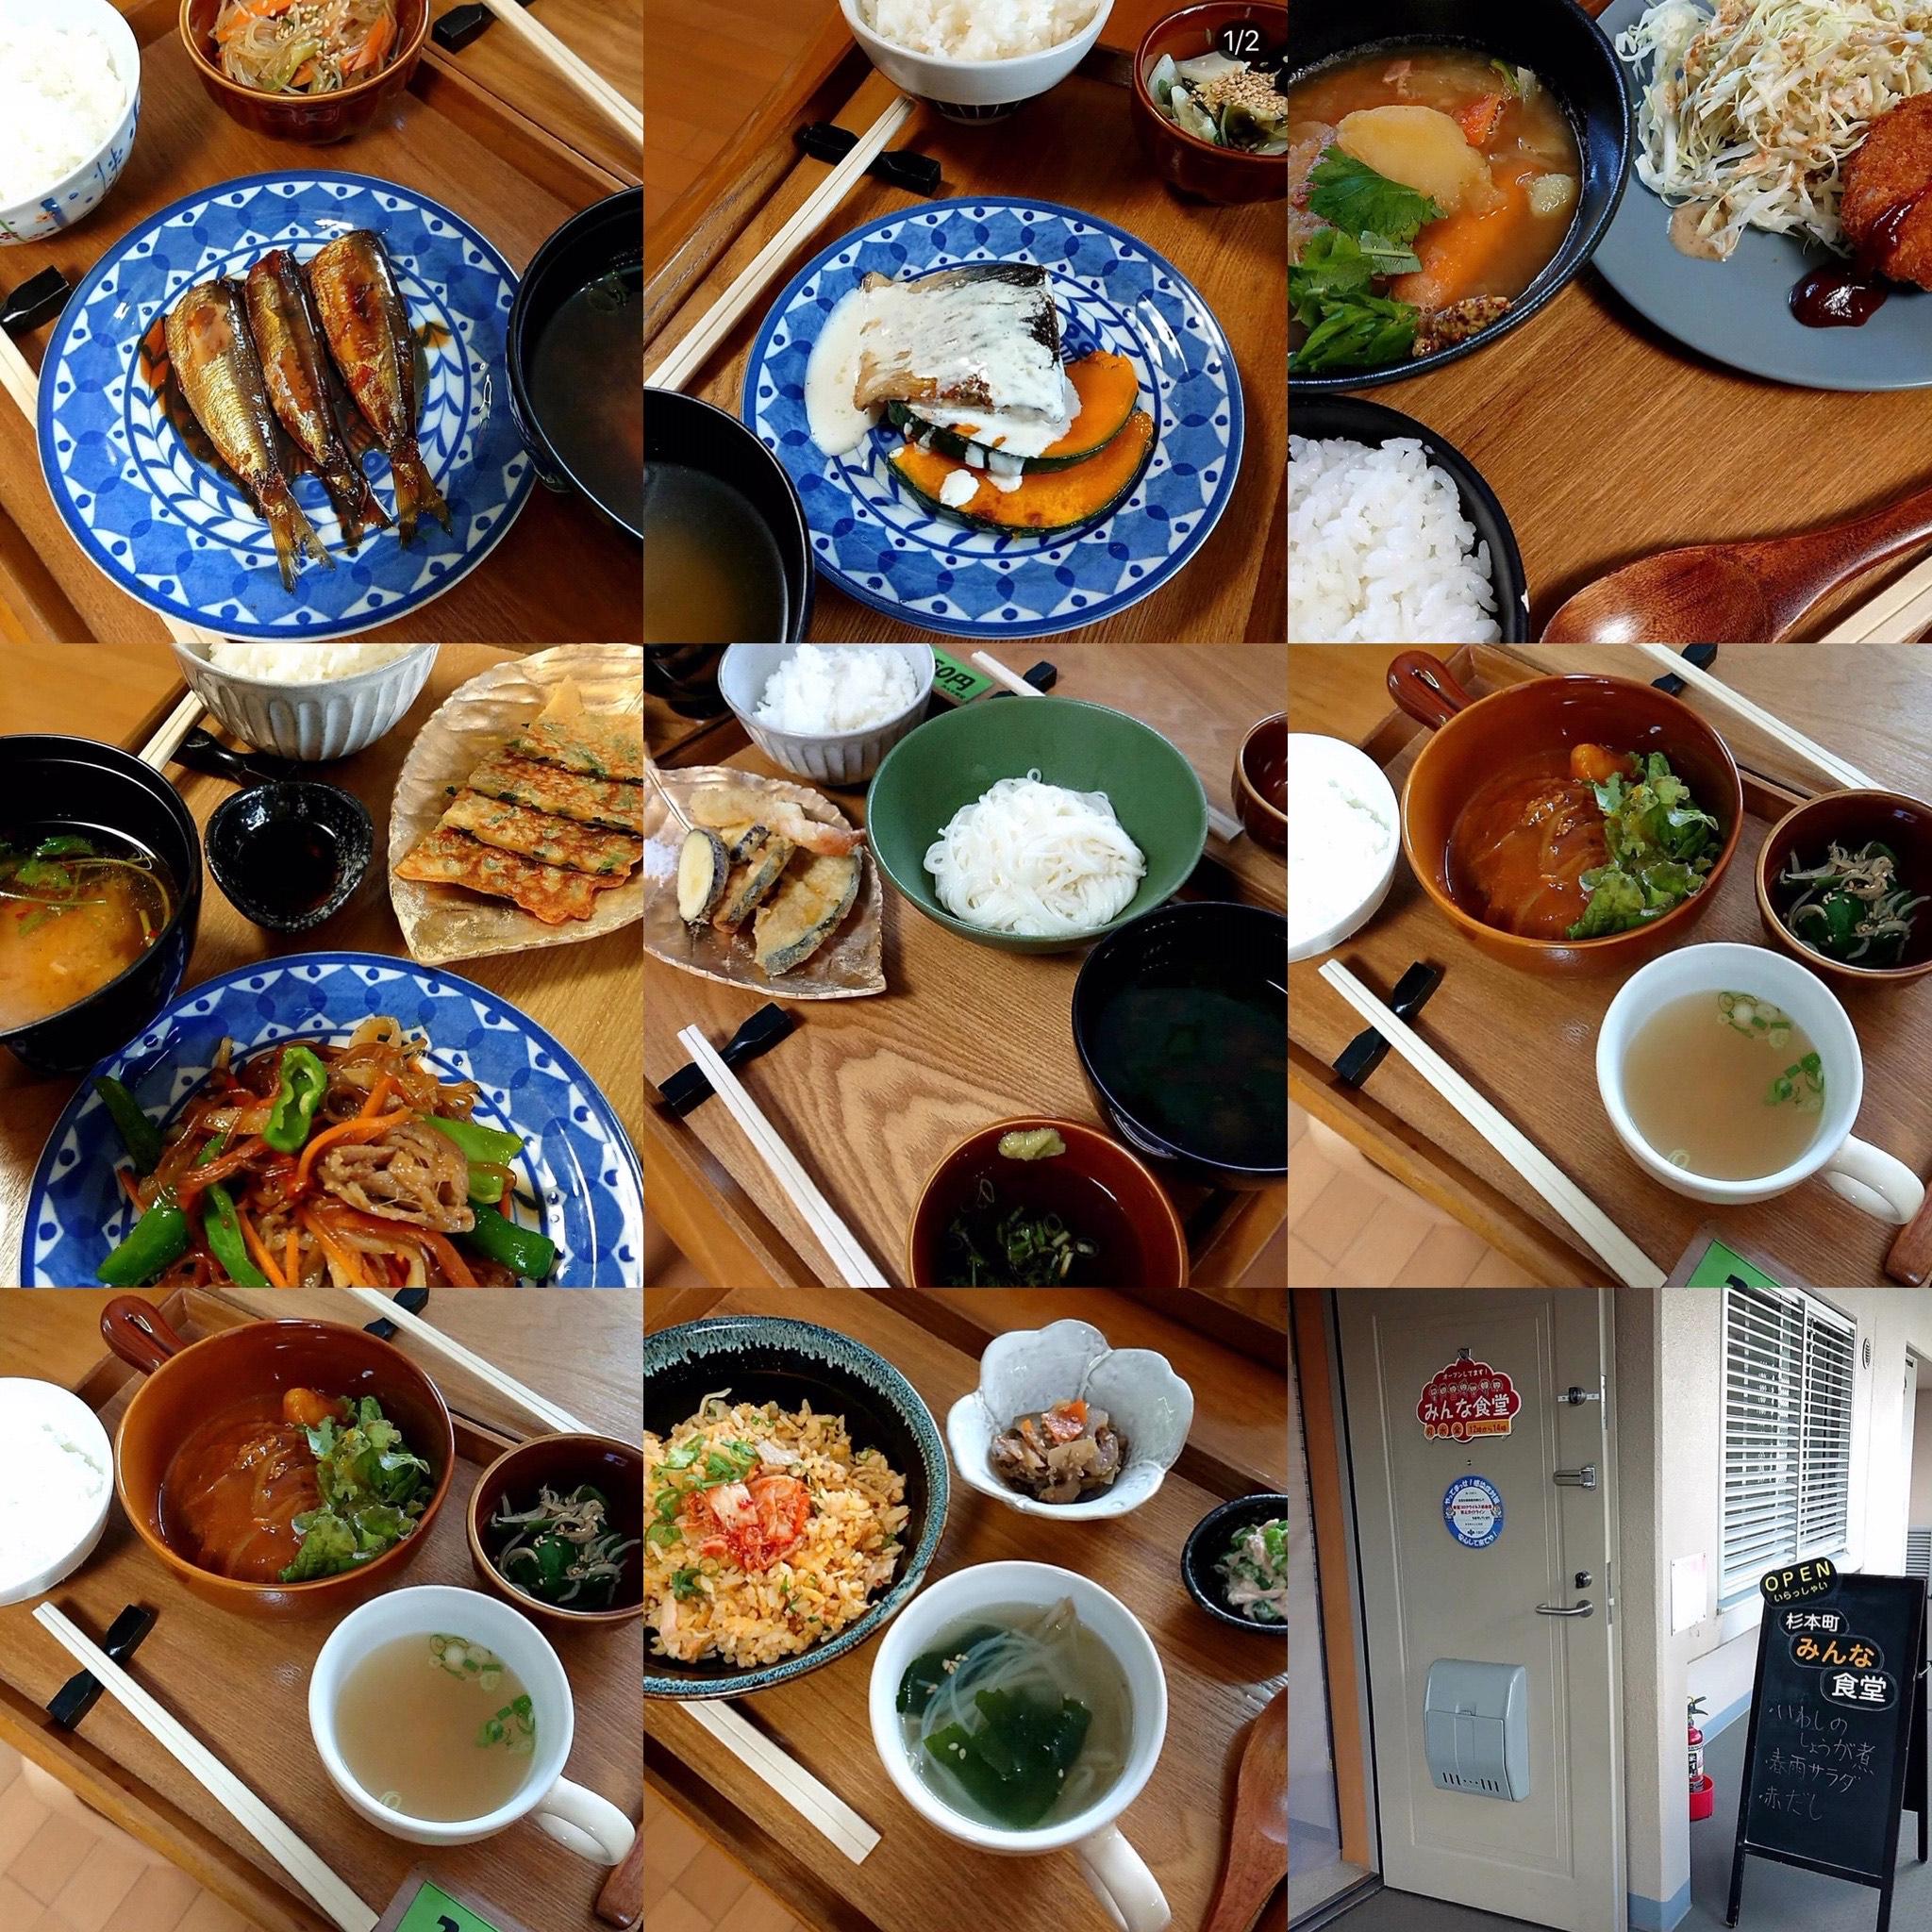 杉本町みんな食堂の8月のメニュー